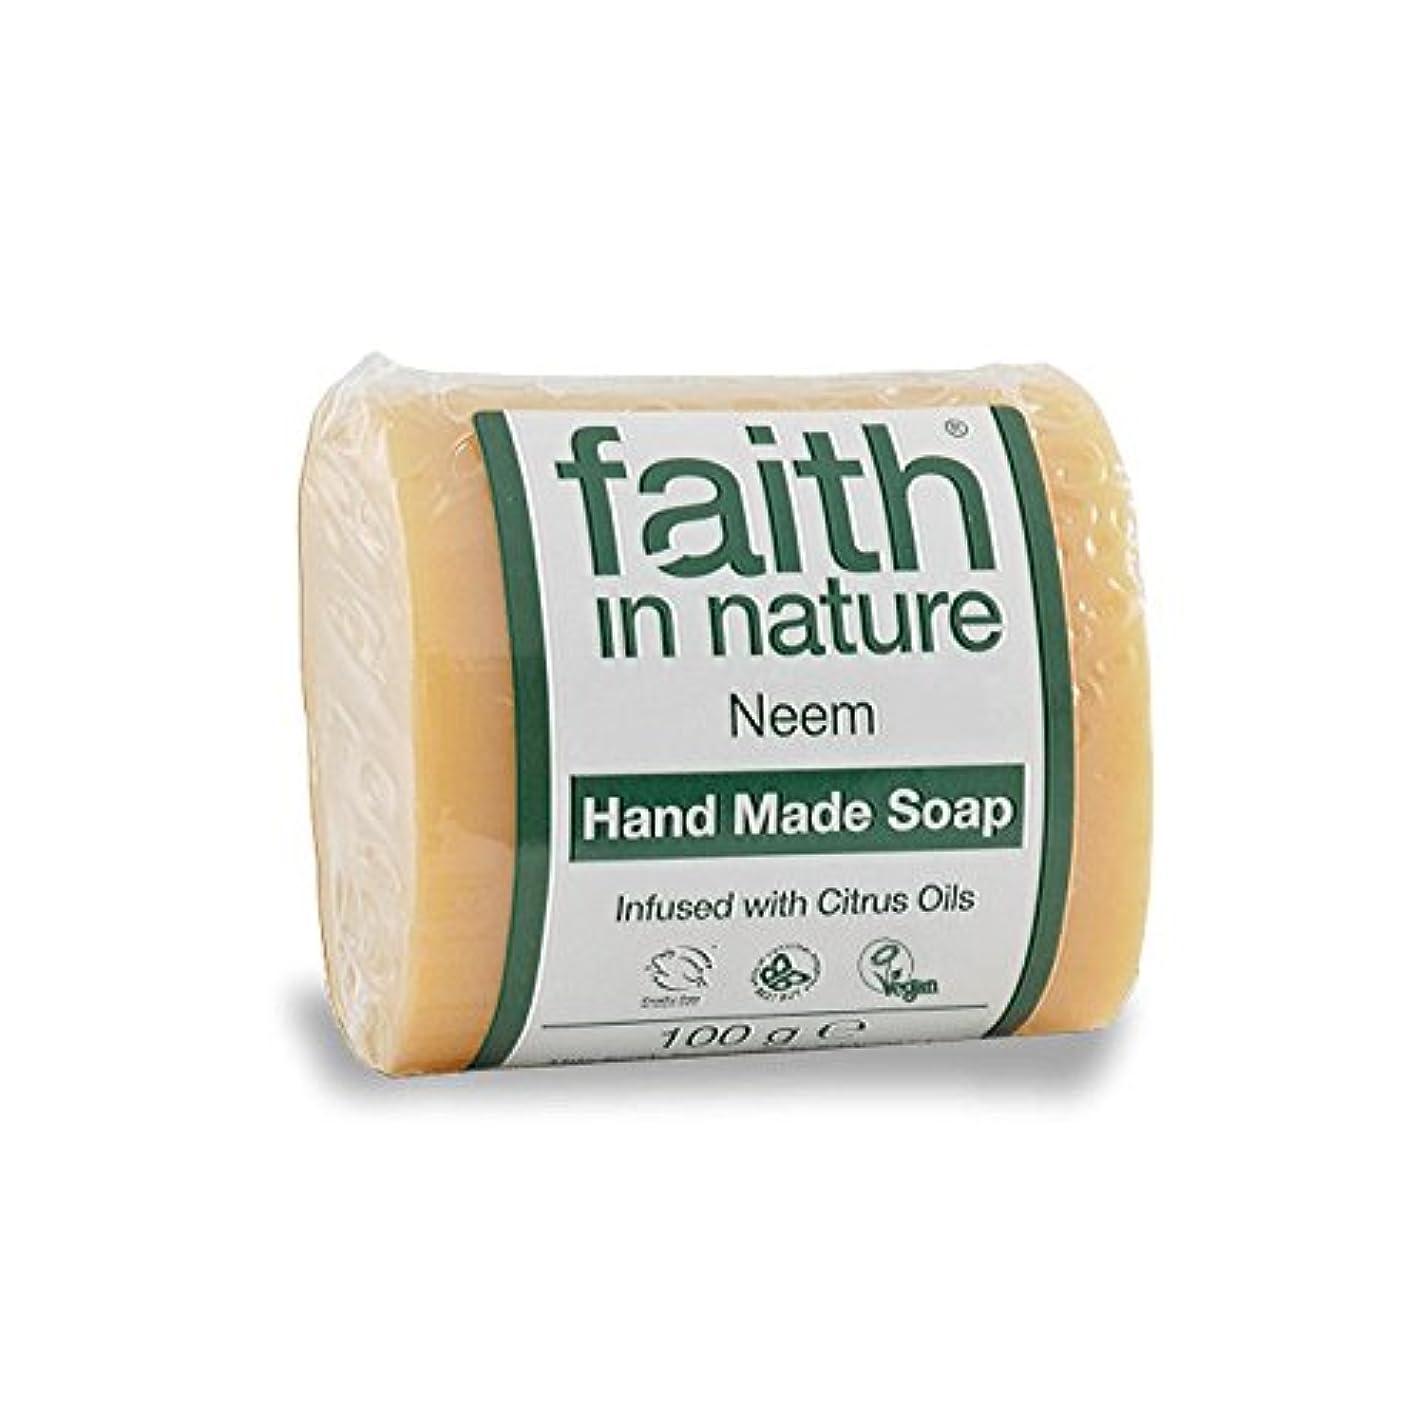 安定しました矛盾するあまりにも自然ニーム&プロポリス石鹸100グラムの信仰 - Faith in Nature Neem & Propolis Soap 100g (Faith in Nature) [並行輸入品]